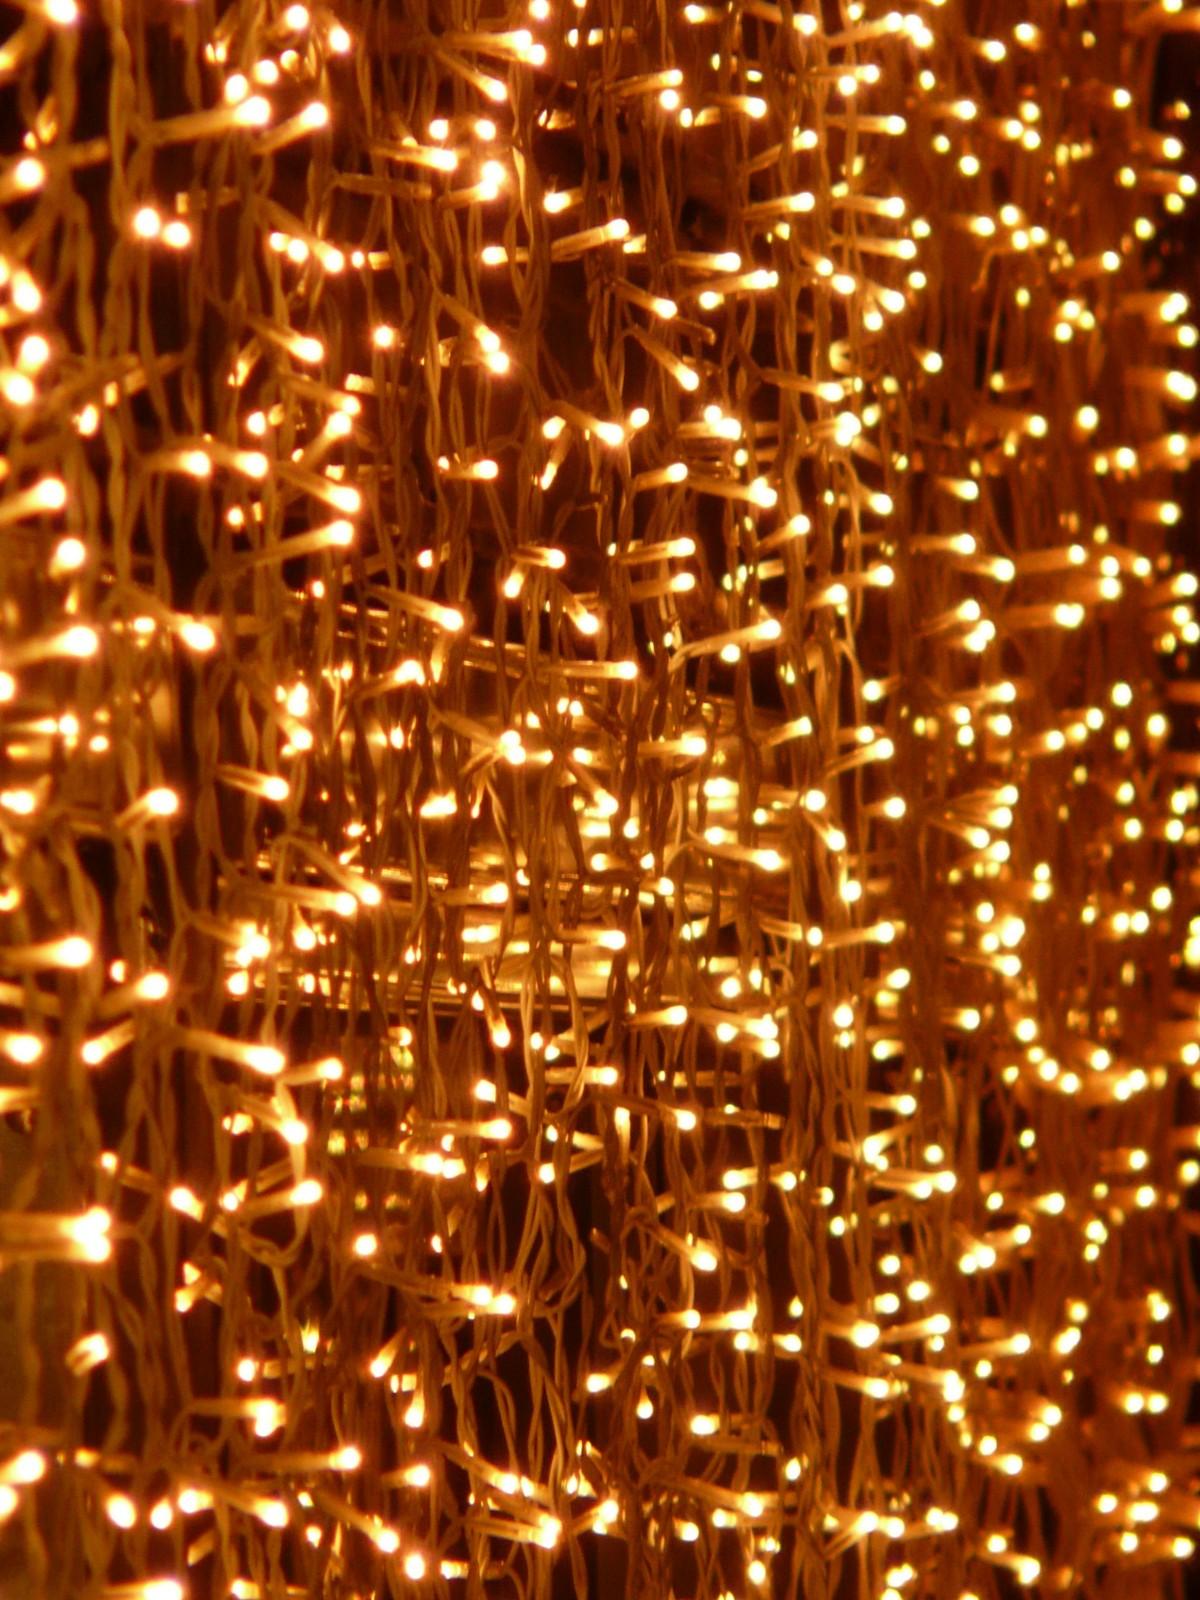 Fotos gratis ligero l mpara amarillo iluminaci n for Iluminacion para arboles